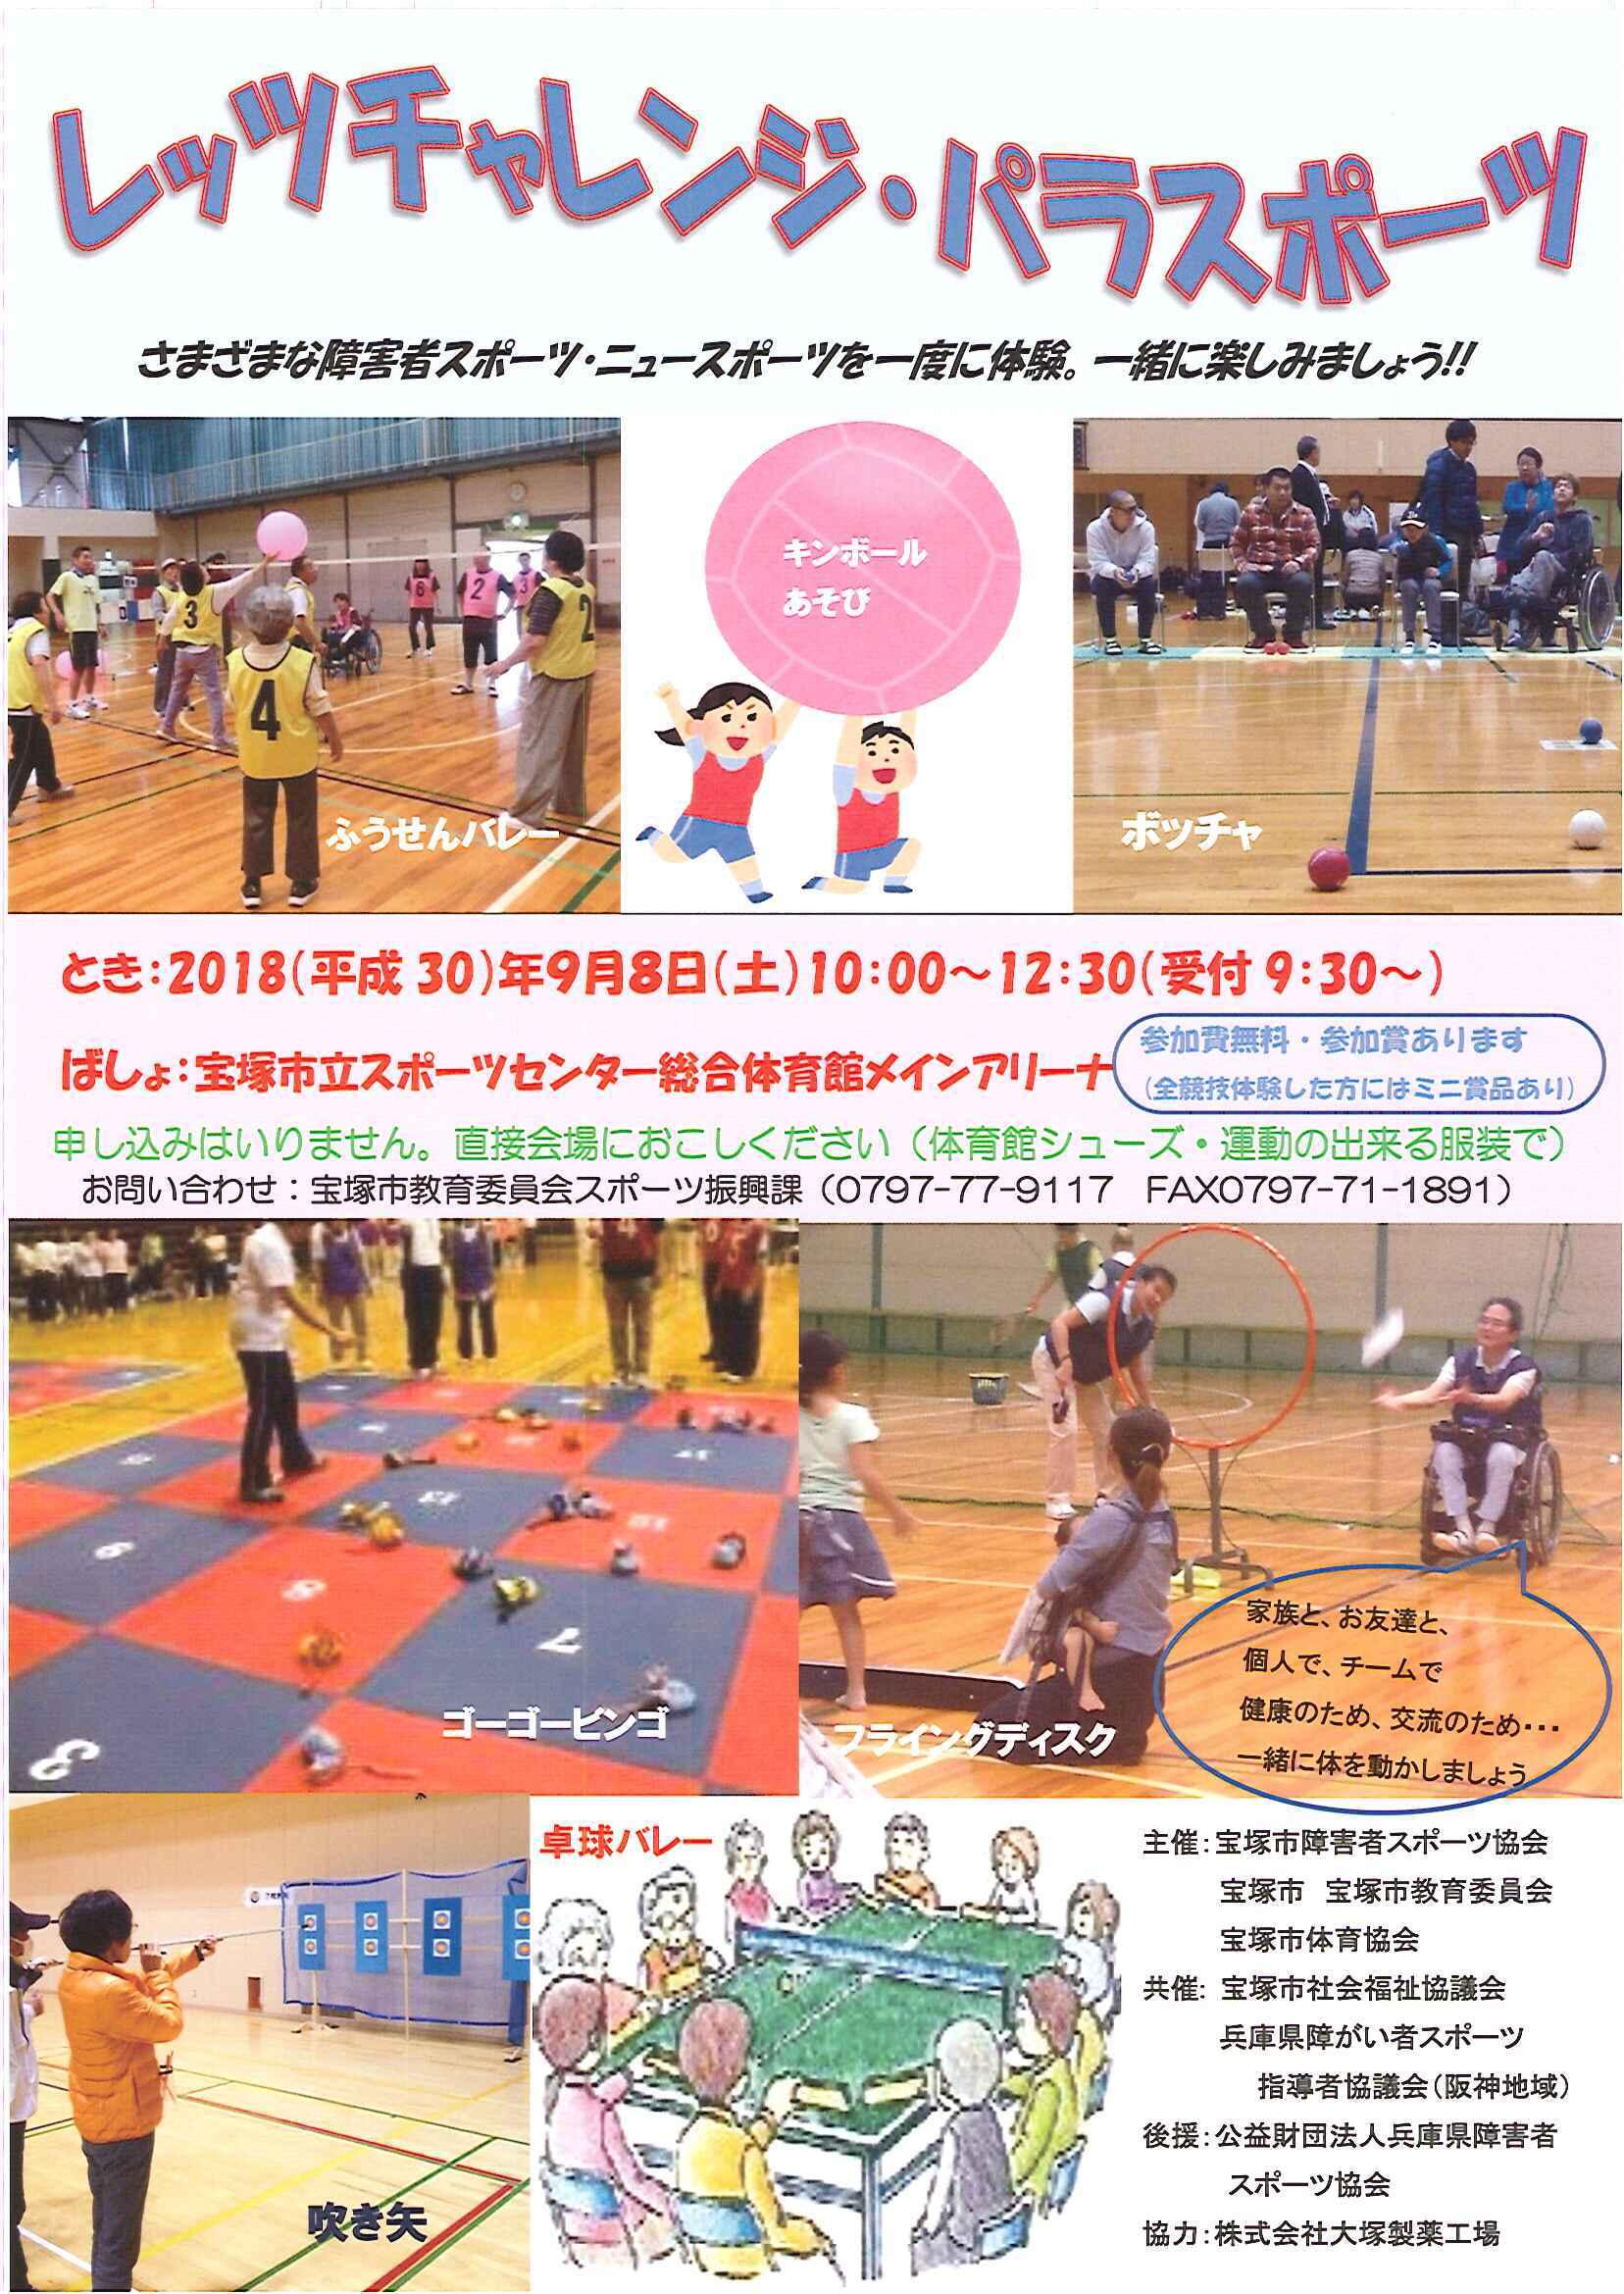 8/18(土)障害者スポーツ協会・...